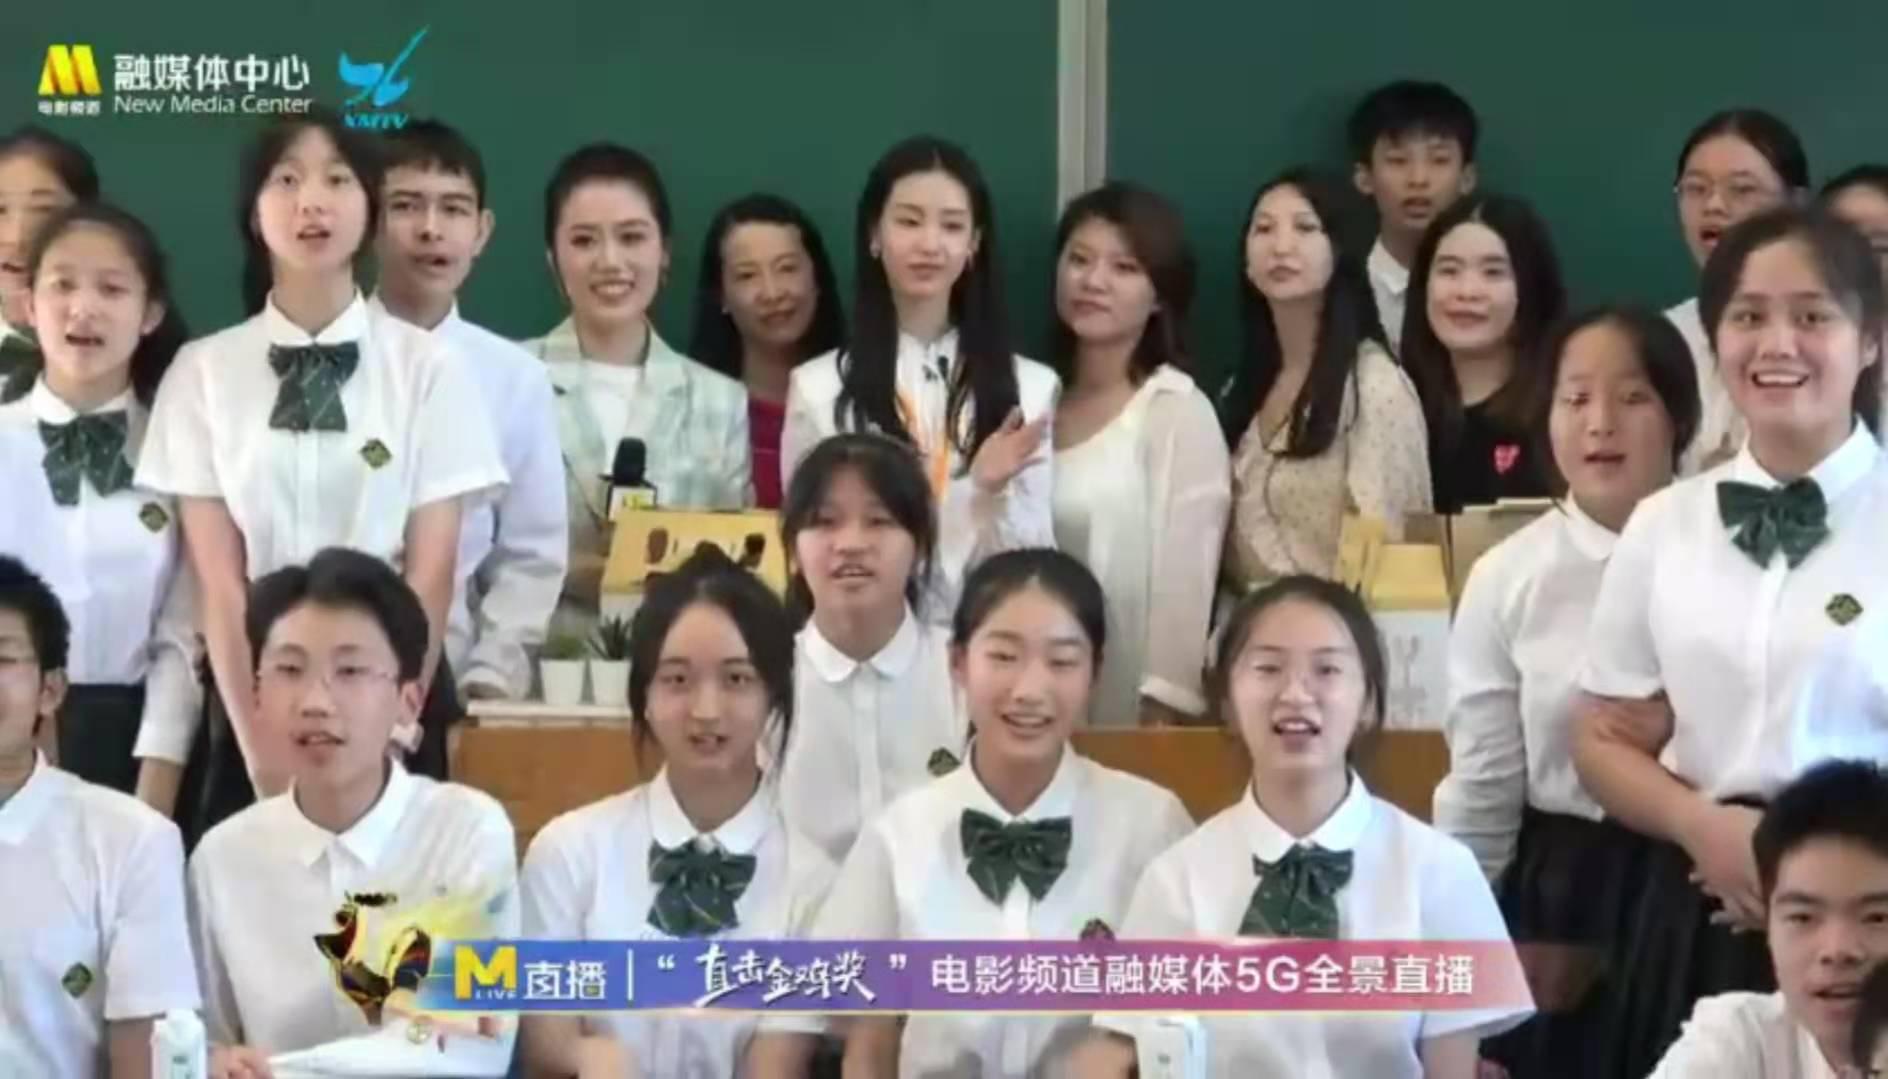 厦门女孩陈都灵首次亮相金鸡奖 并返回学校为30周年校庆